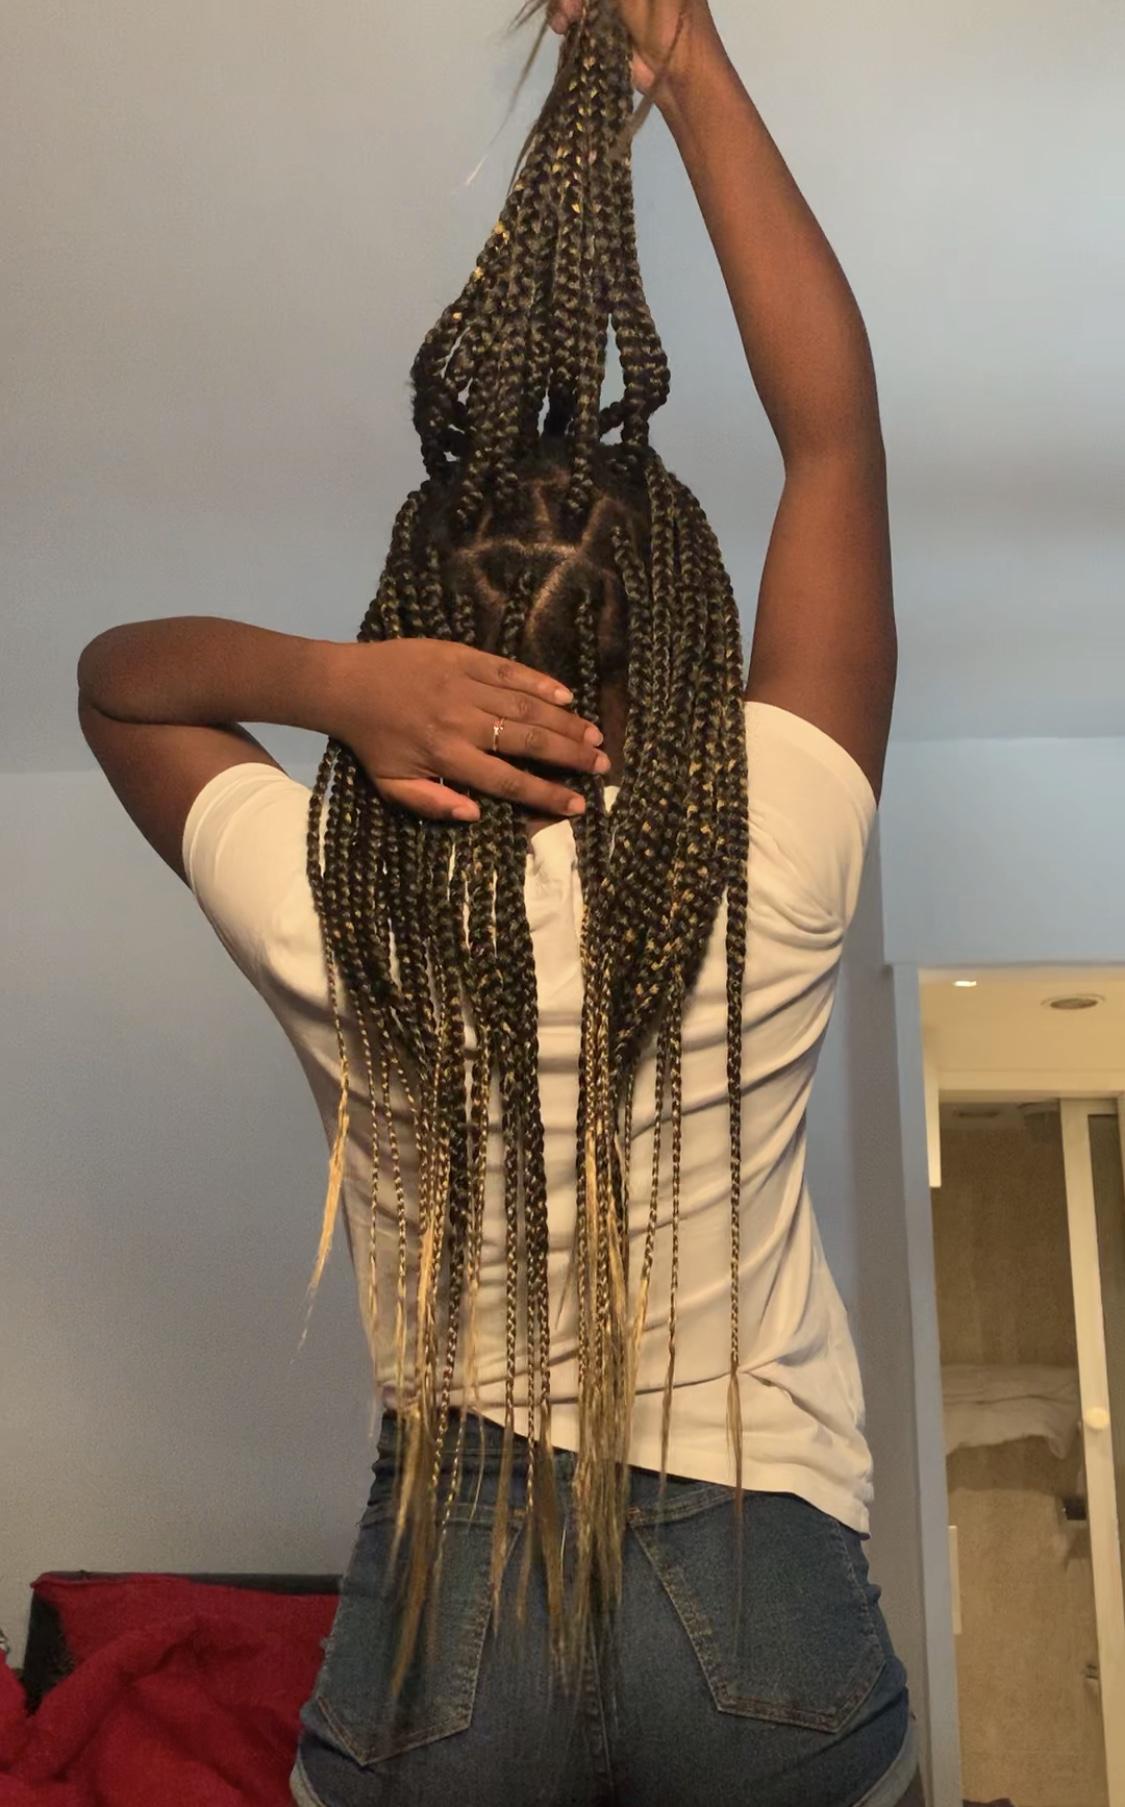 salon de coiffure afro tresse tresses box braids crochet braids vanilles tissages paris 75 77 78 91 92 93 94 95 SPPMRRWM